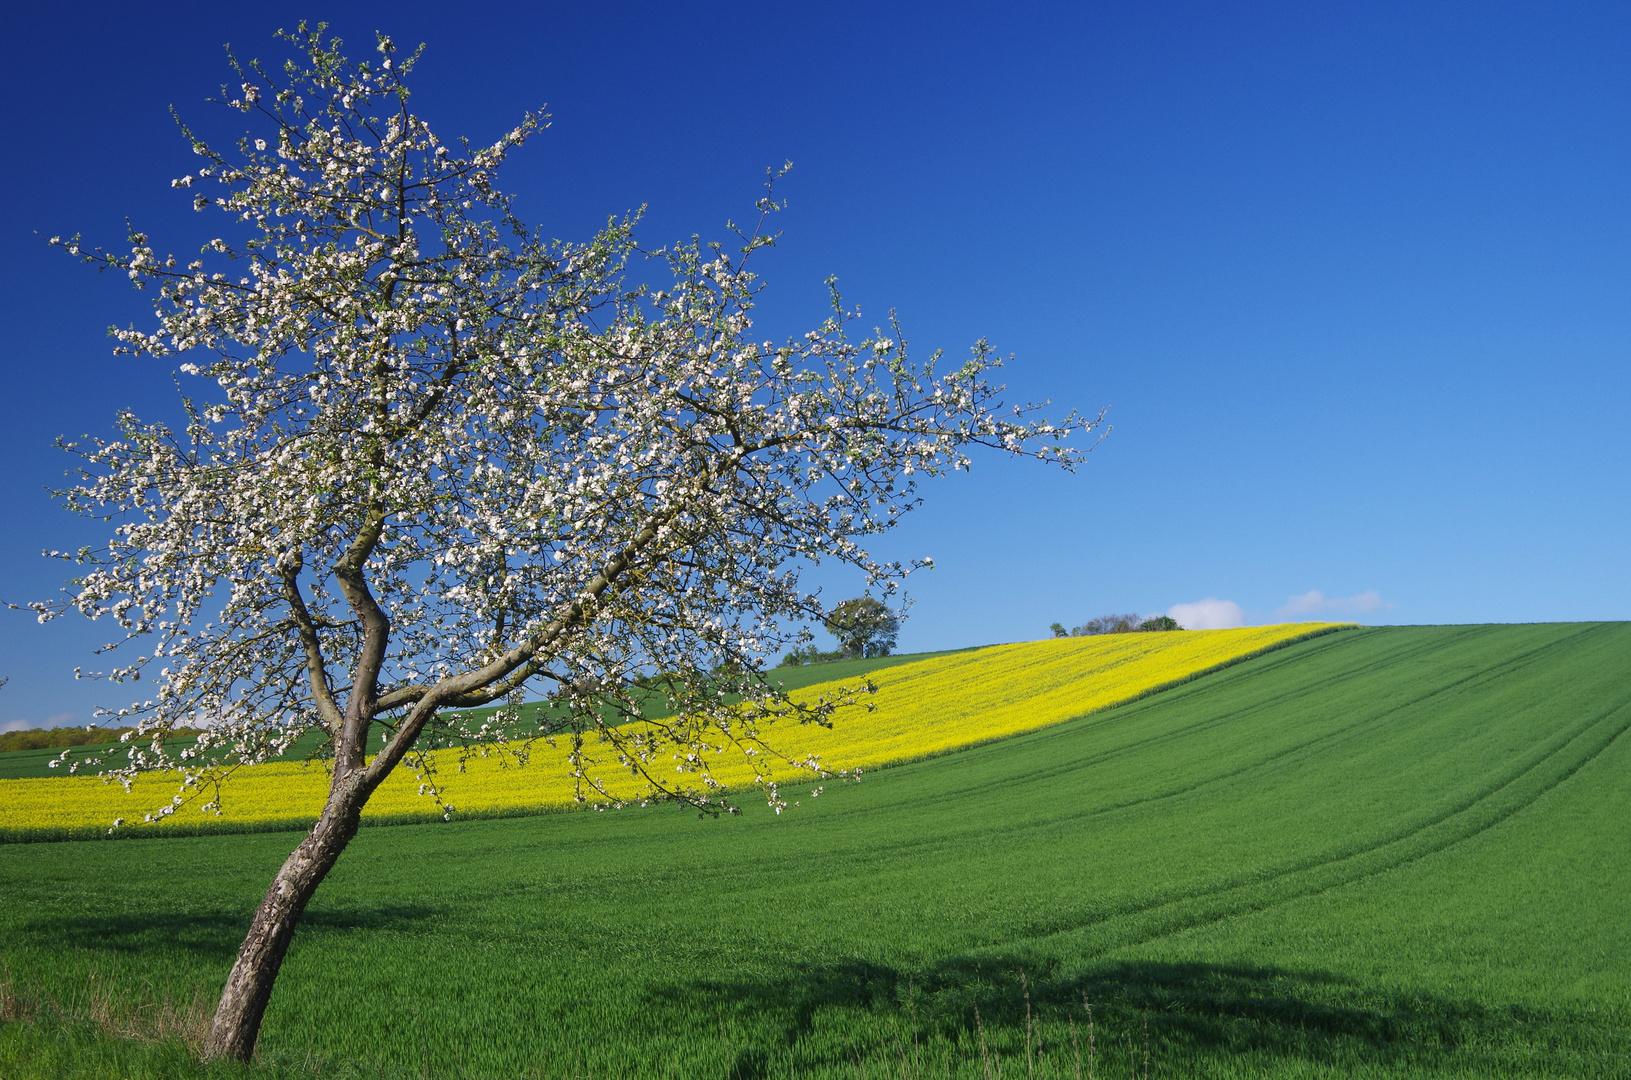 Frühling im Land!